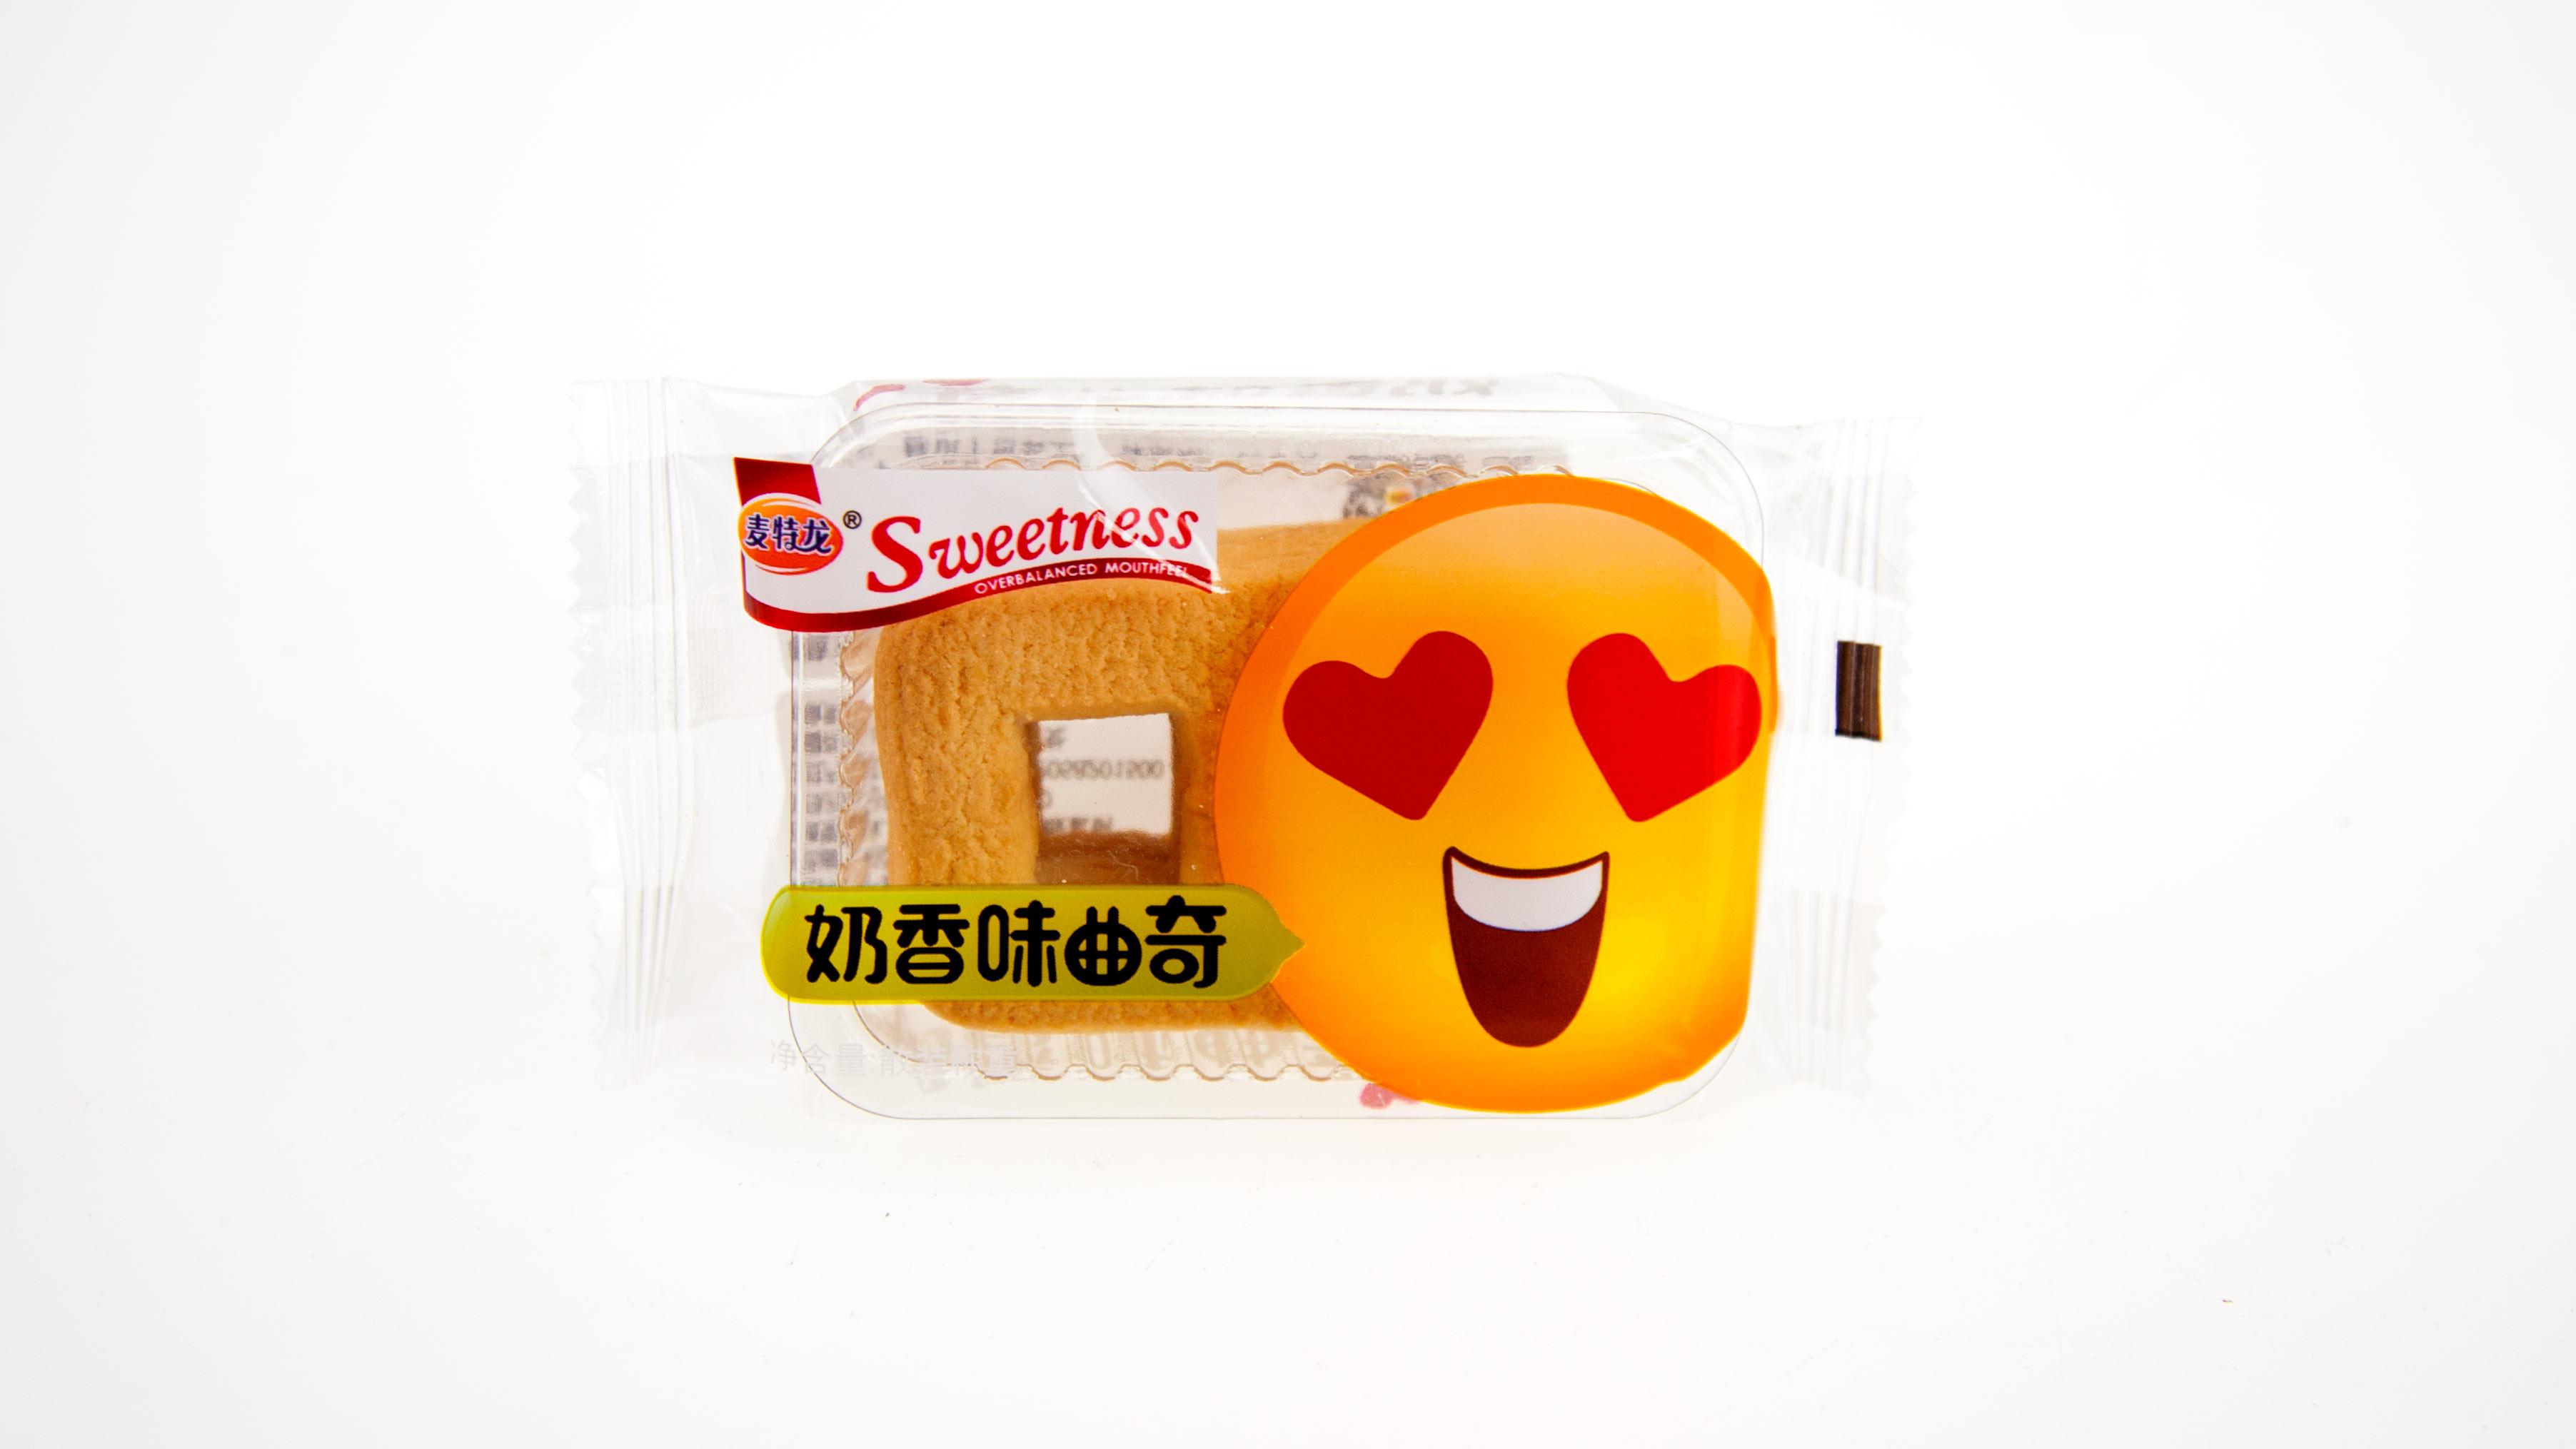 散称亚虎手机客户端龙奶香味曲奇饼干厂家代理